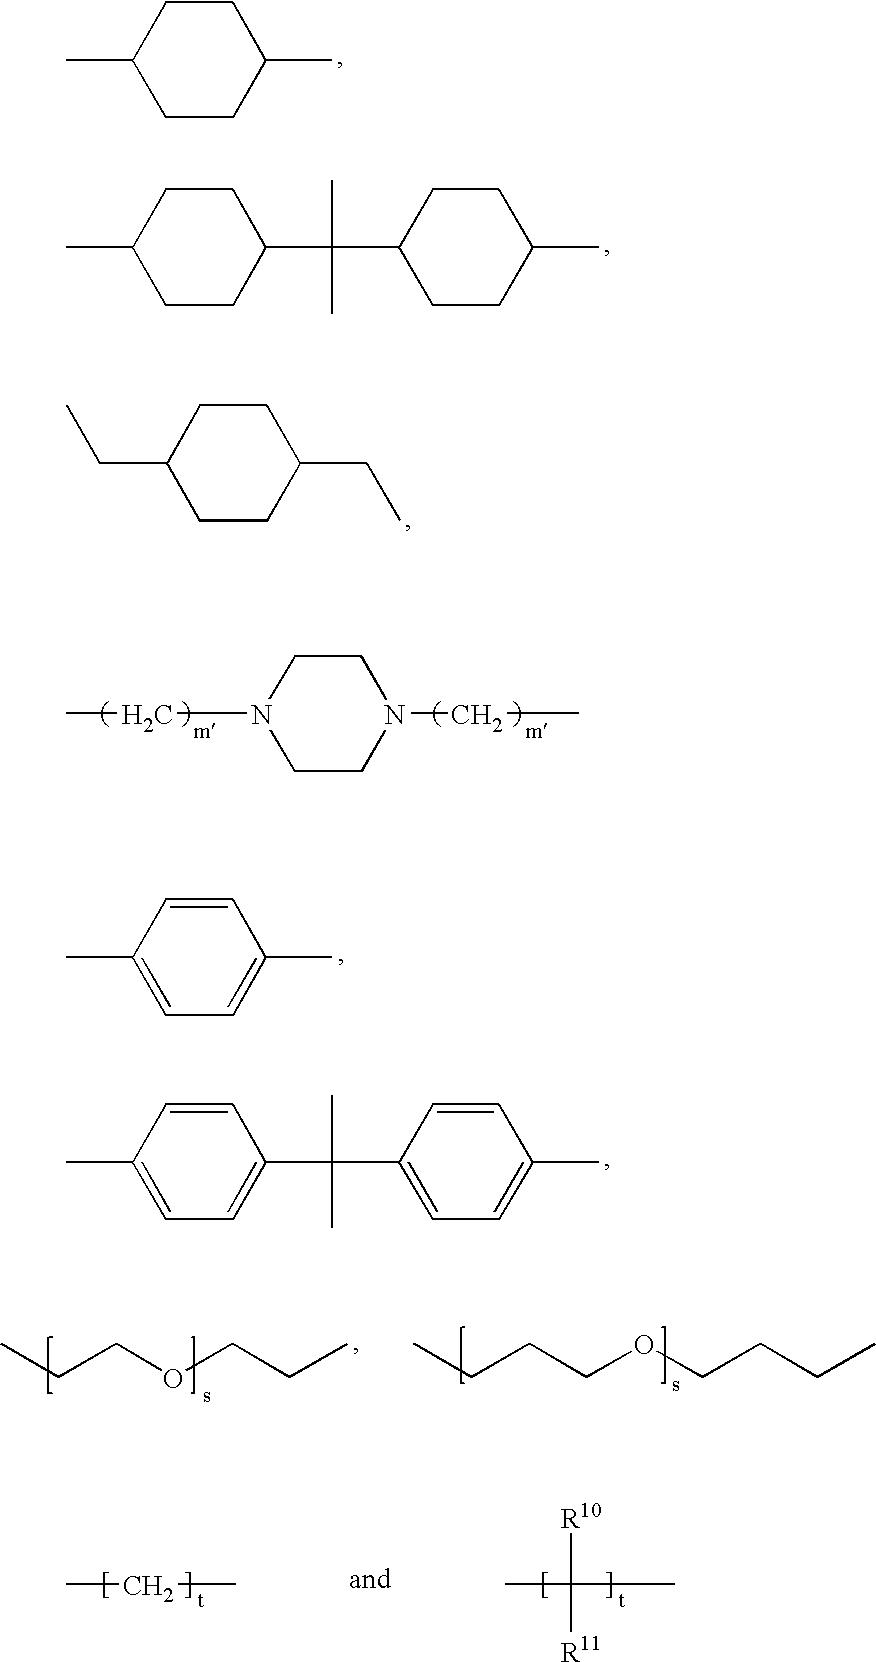 Figure US20060235084A1-20061019-C00075